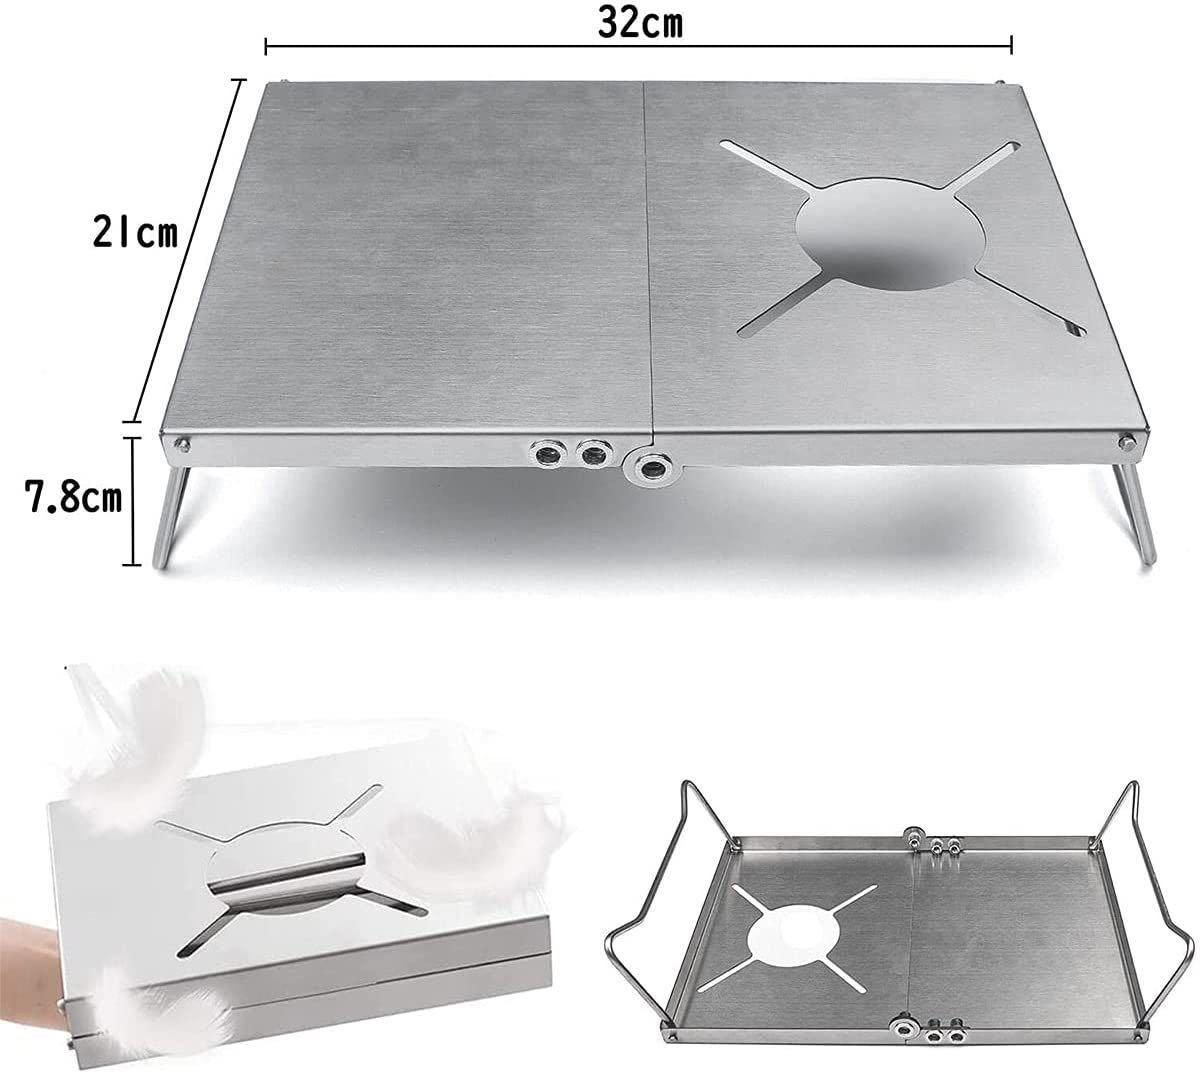 遮熱テーブル 一台多役 折り畳み4種類バーナー対応シングルバーナー用 収納袋付き